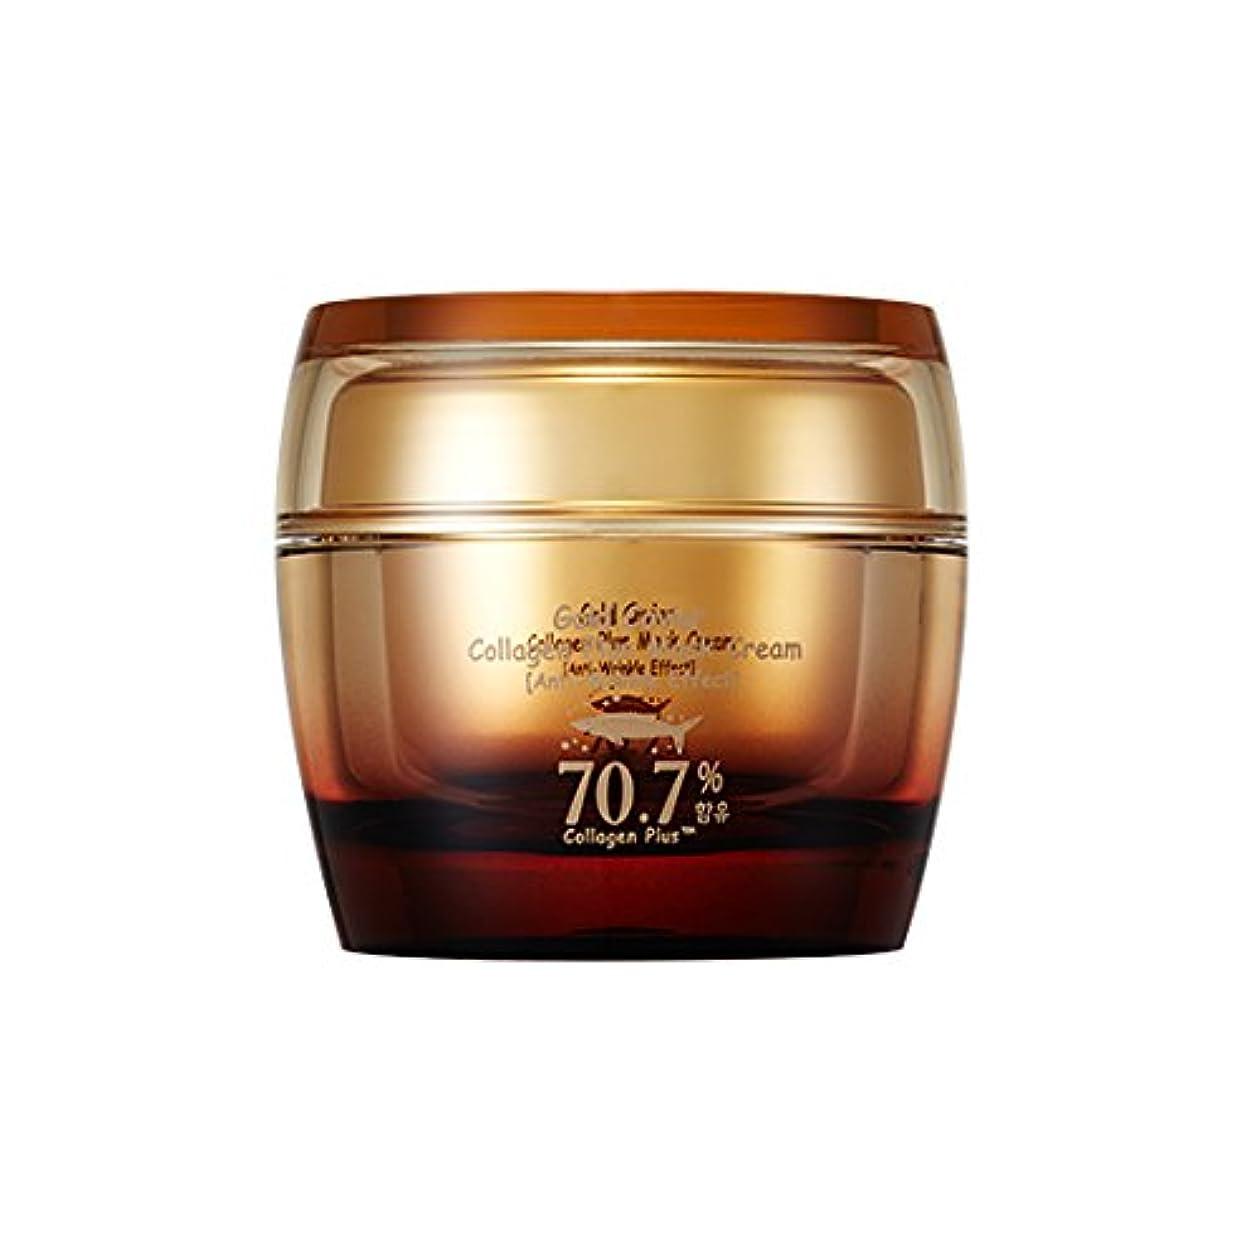 鬼ごっこ墓掘るSkinfood ゴールドキャビアコラーゲンプラスクリーム(しわ防止効果) / Gold Caviar Collagen Plus Cream (Anti-Wrinkle Effect) 50g [並行輸入品]